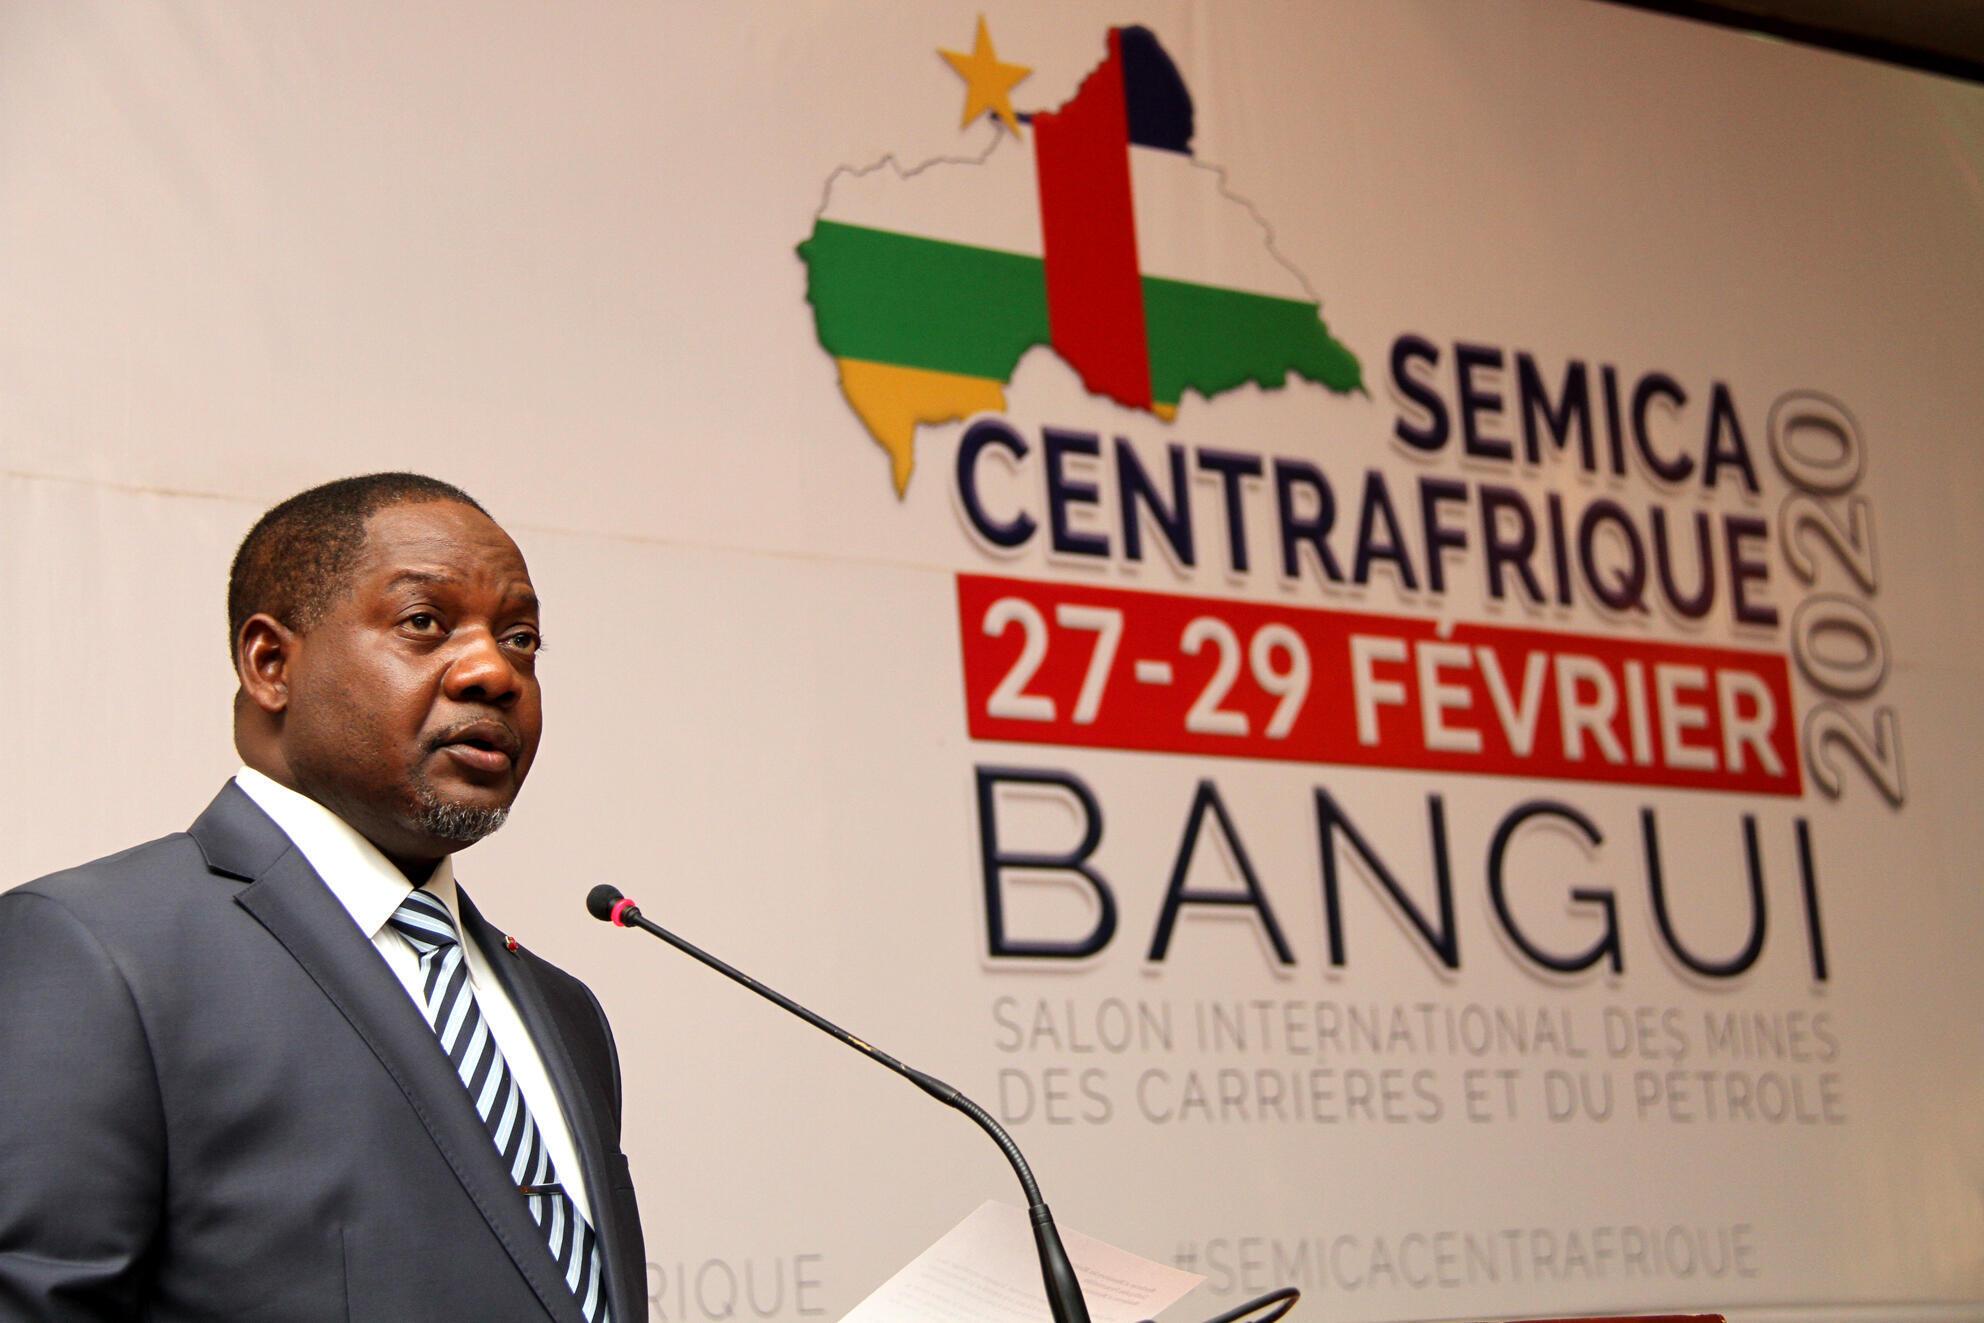 Le Premier ministre centrafricain Firmin Ngrébada, lors de son discours d'ouverture du Salon international des mines, des carrières et du pétrole Sémica, à Bangui, le 27 février 2020.